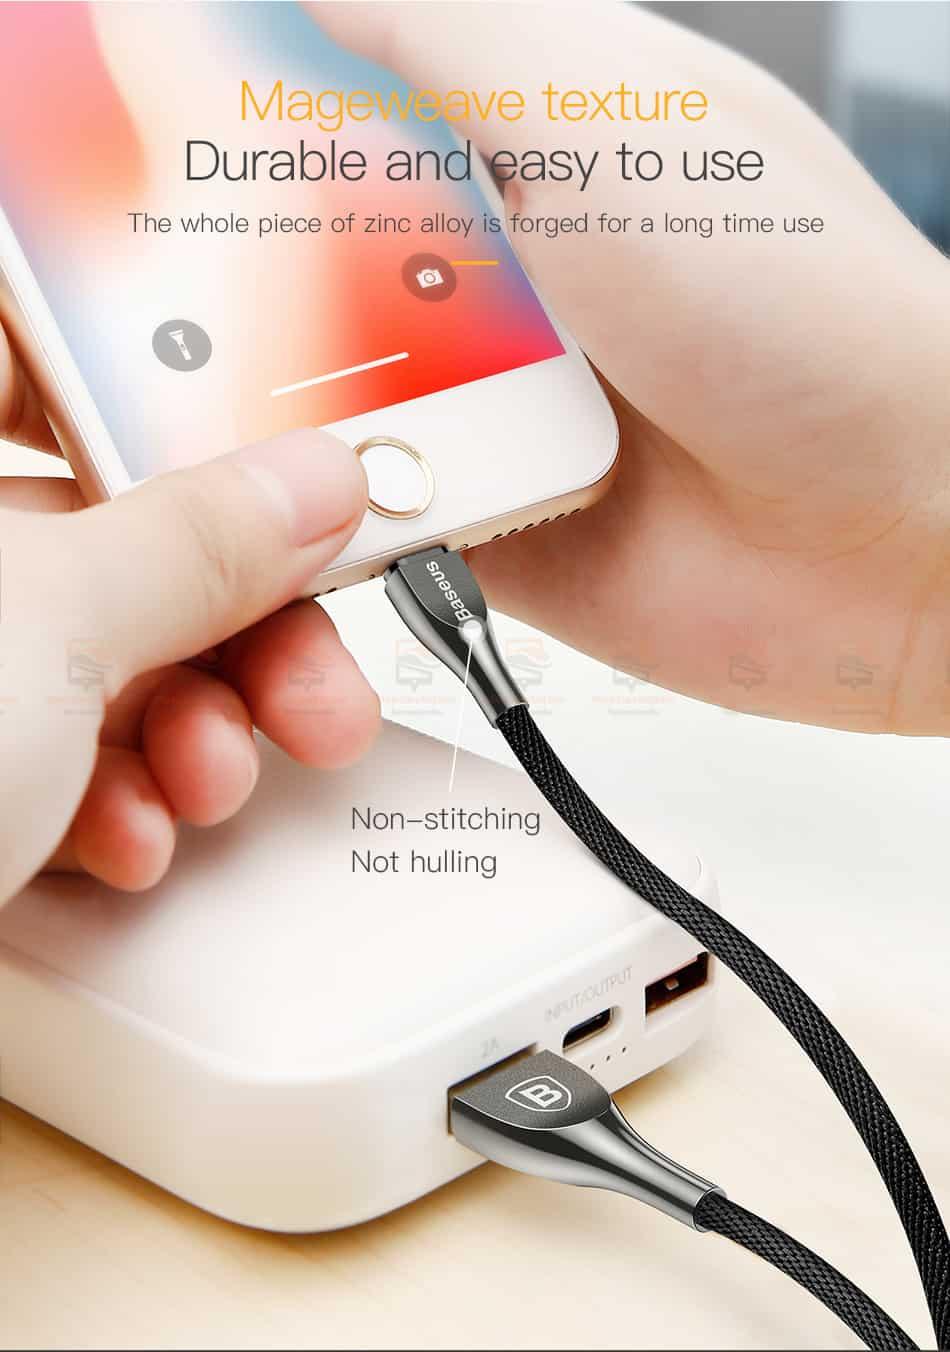 สายชาร์จไอโฟน Baseus Zinc Alloy USB Cable For iPhone X 8 7 6 5 Fast Charging Charger Cable 5